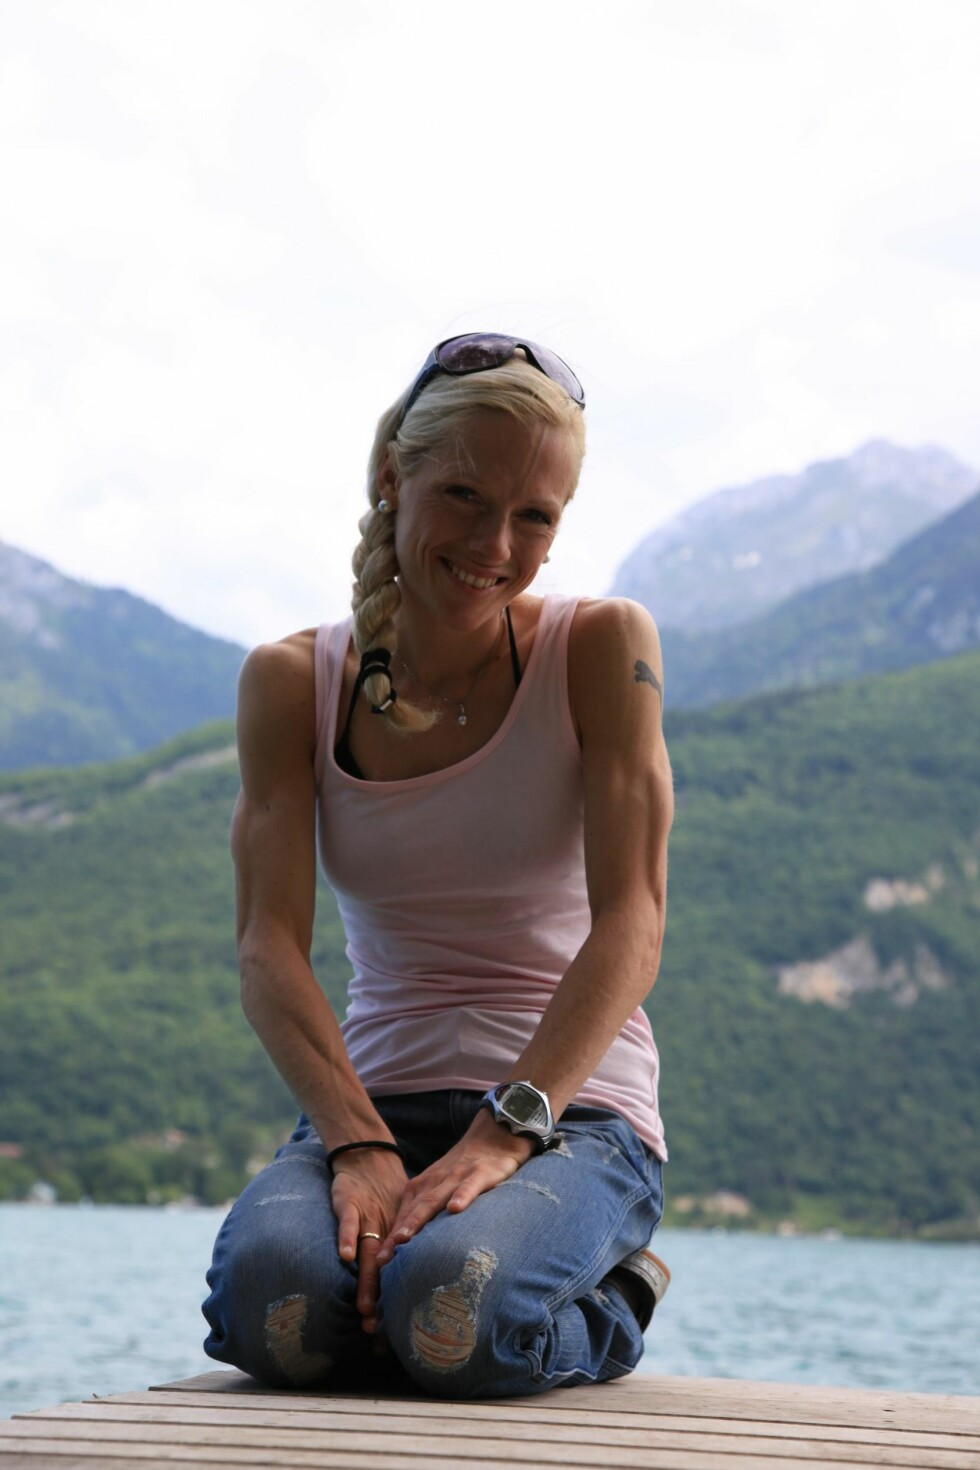 KROPPSFIKSERT: Her hadde ortoreksien tatt over livet til Kristin. – Det eneste jeg brydde meg om, var å se så trent ut som mulig.  Foto: Privat